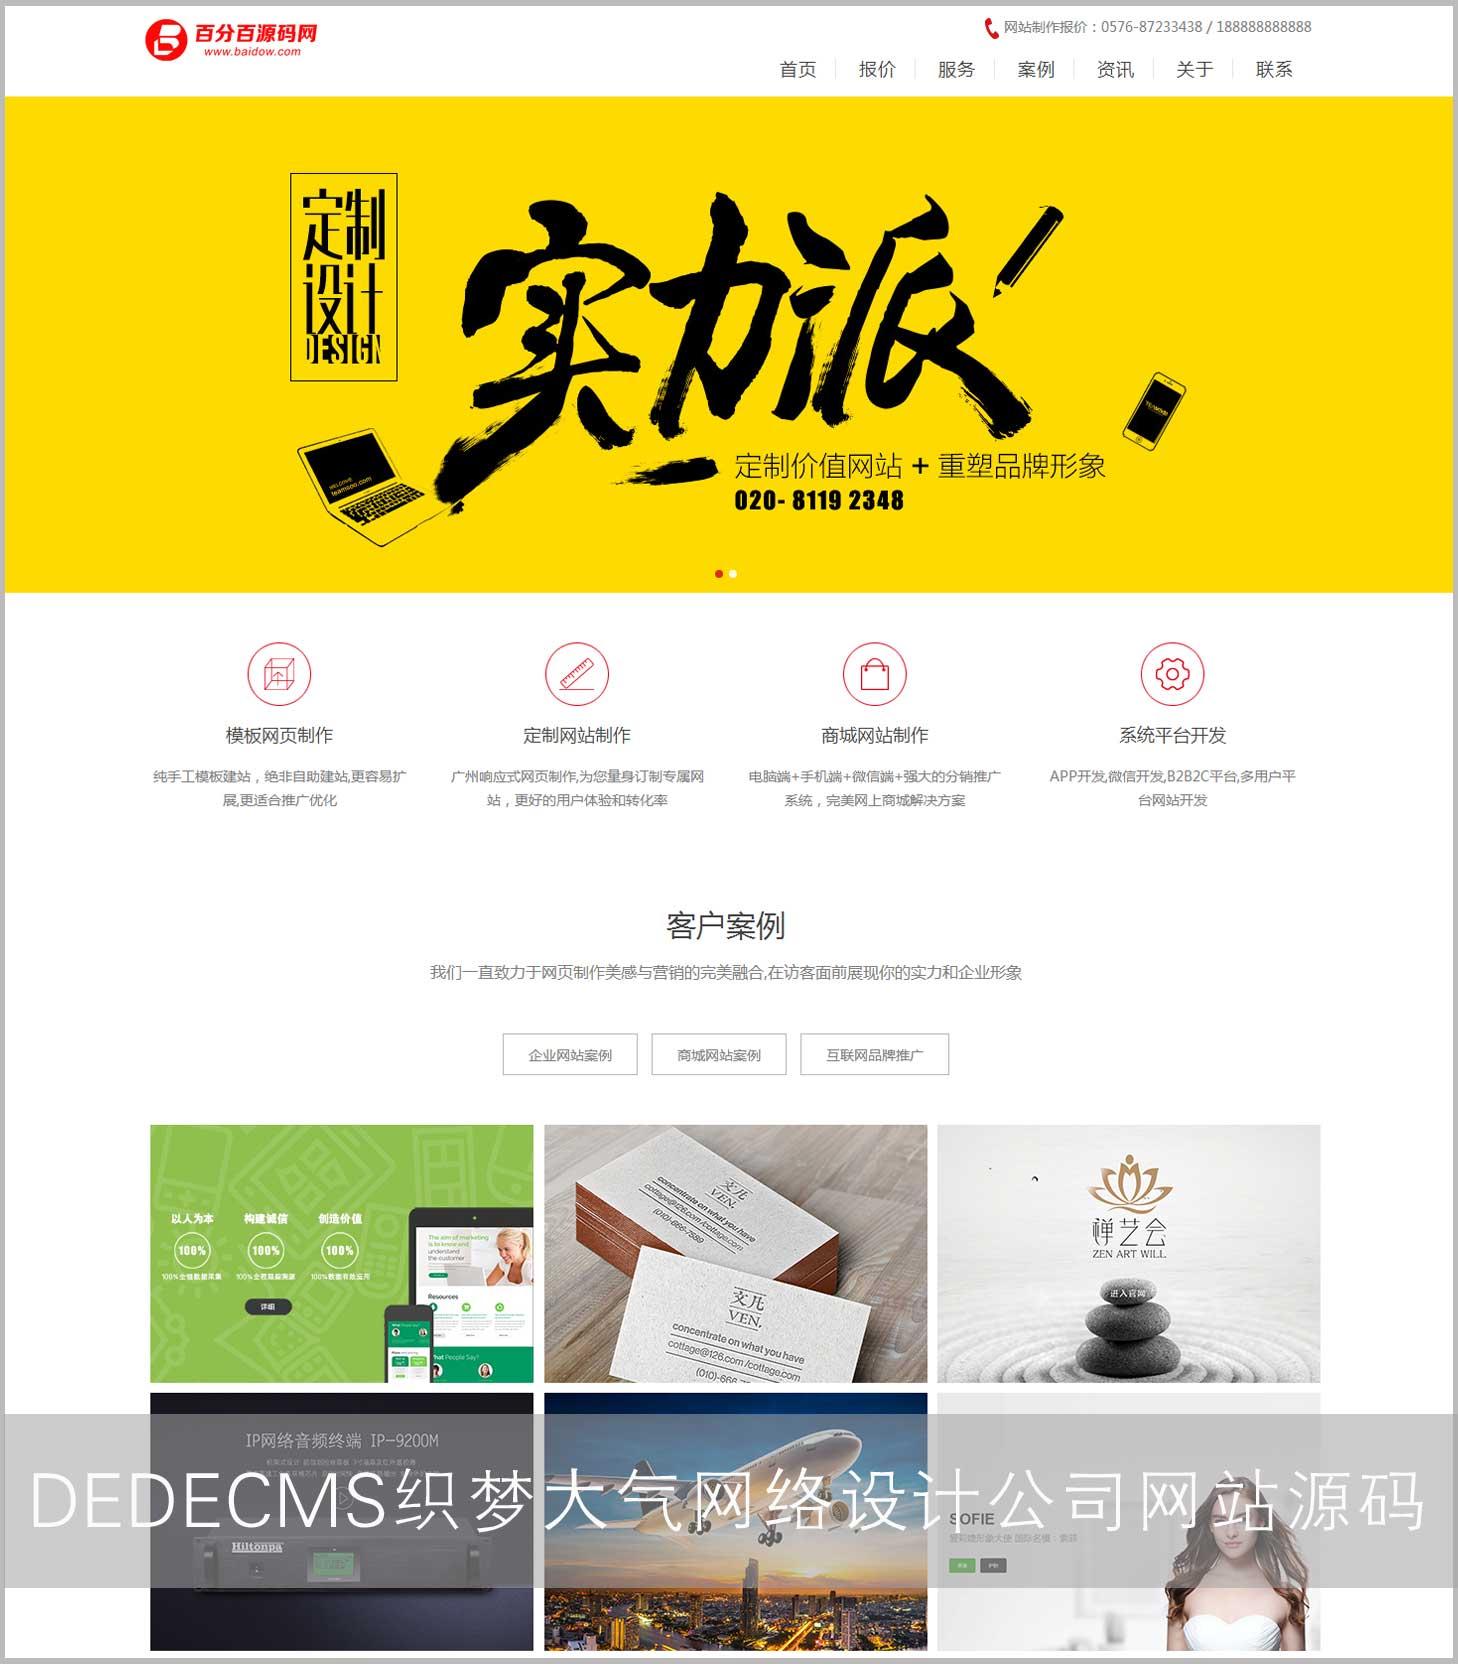 响应式网络公司网站源码 HTML5建站公司 设计工作室织梦模板网